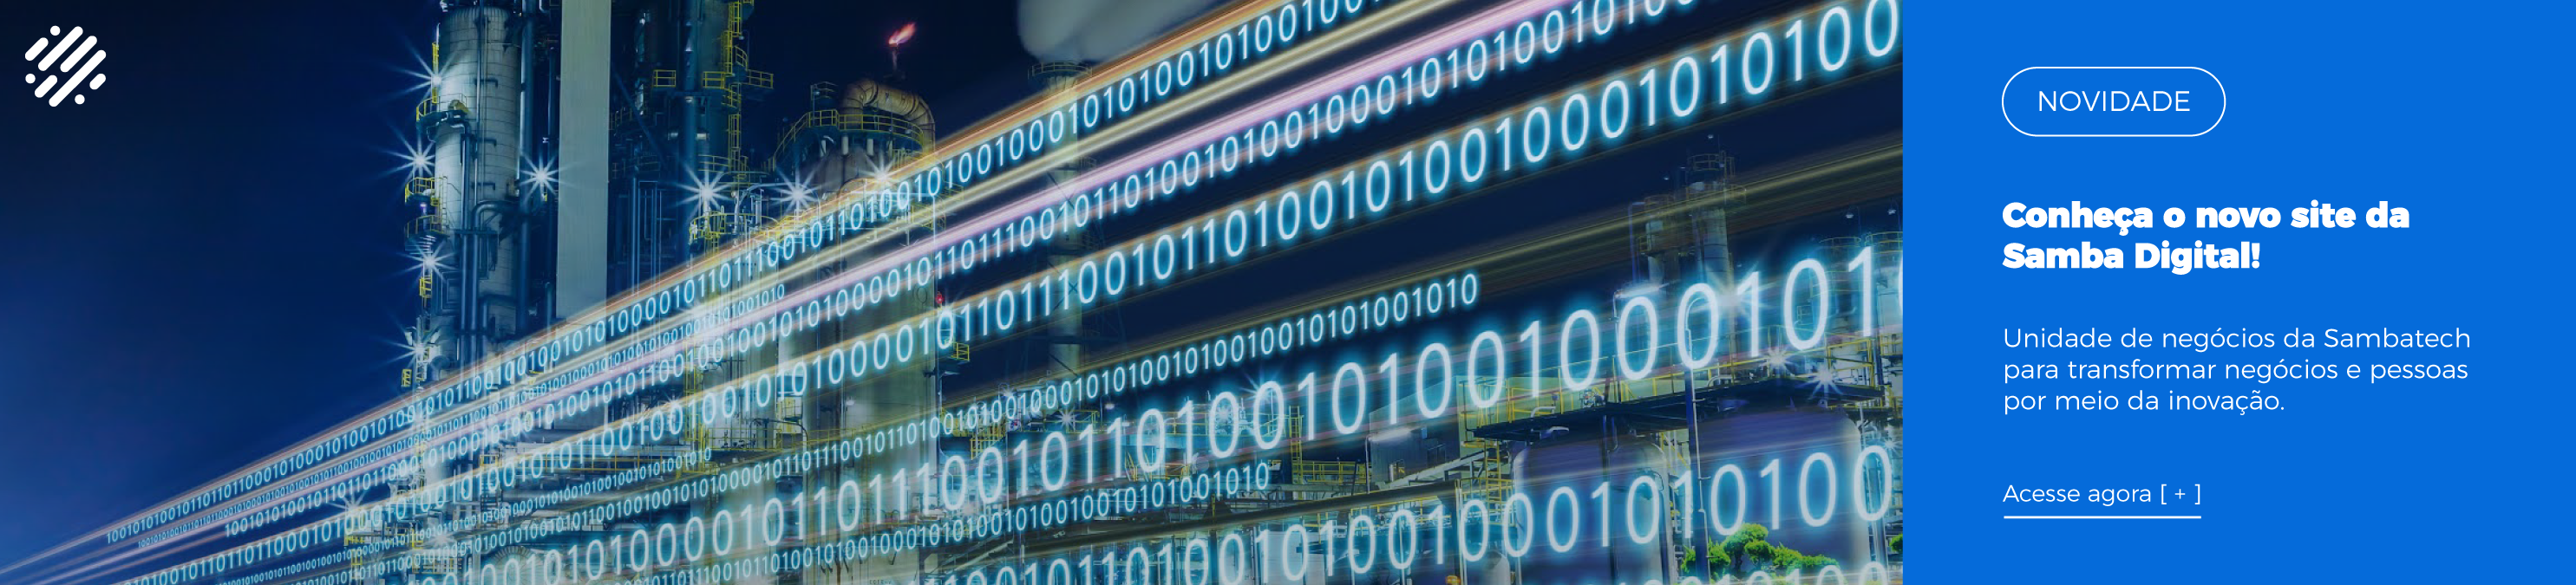 Conheça a Samba Digital | Unidade da Sambatech focada em transformação digital